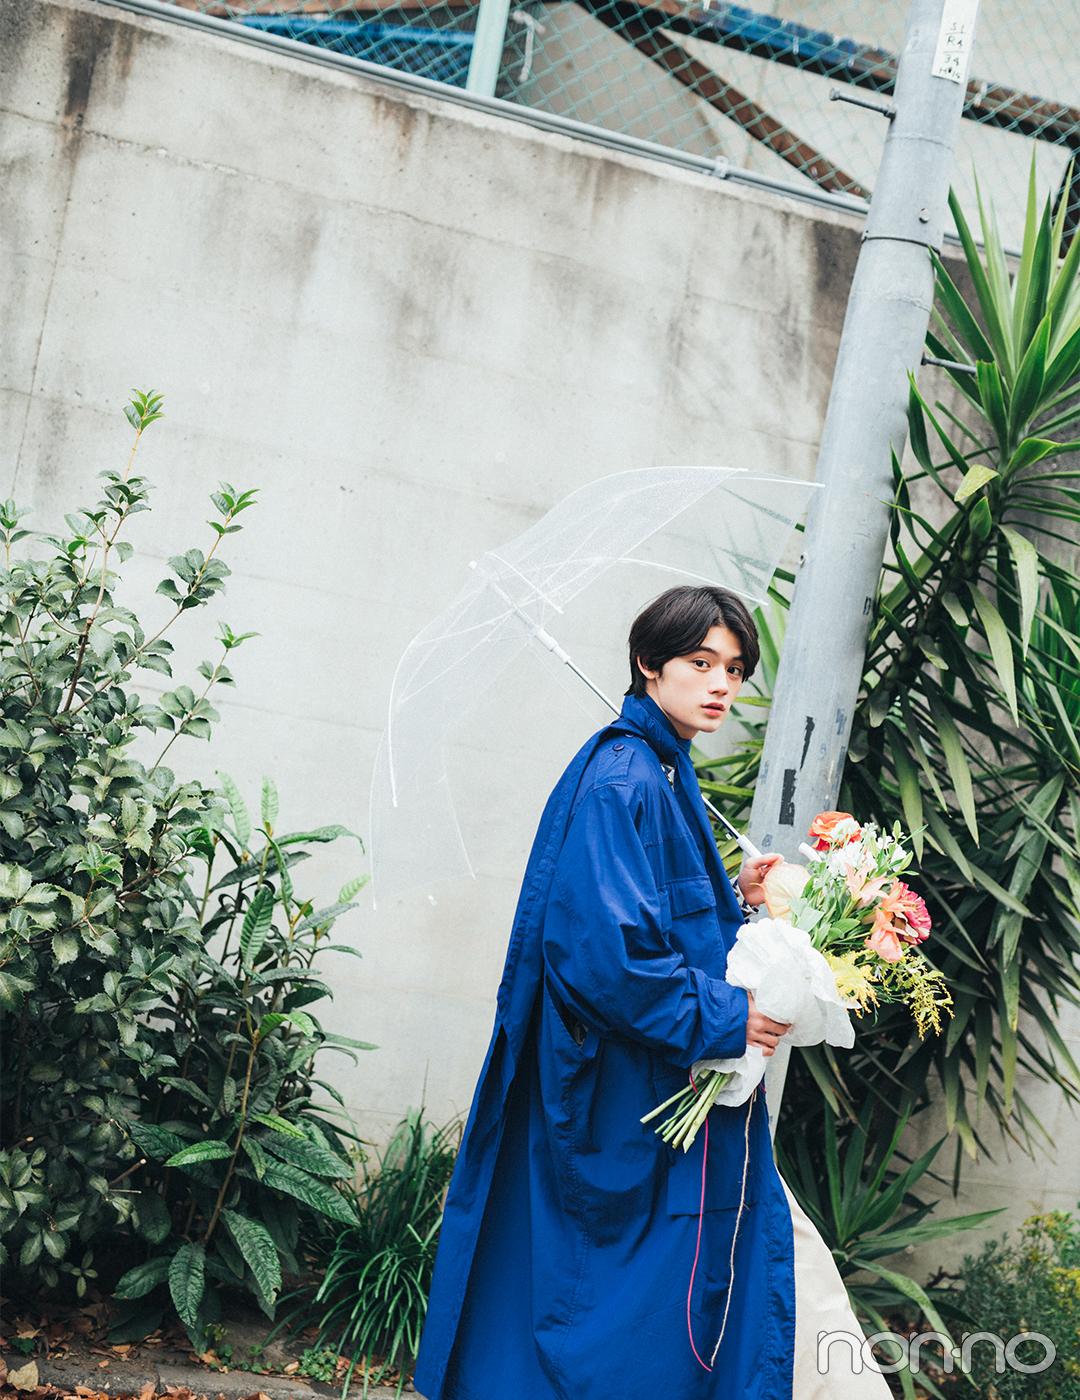 今月の彼氏。藤原大祐さんと2人で選んだ花束を持ってデートの続きを。